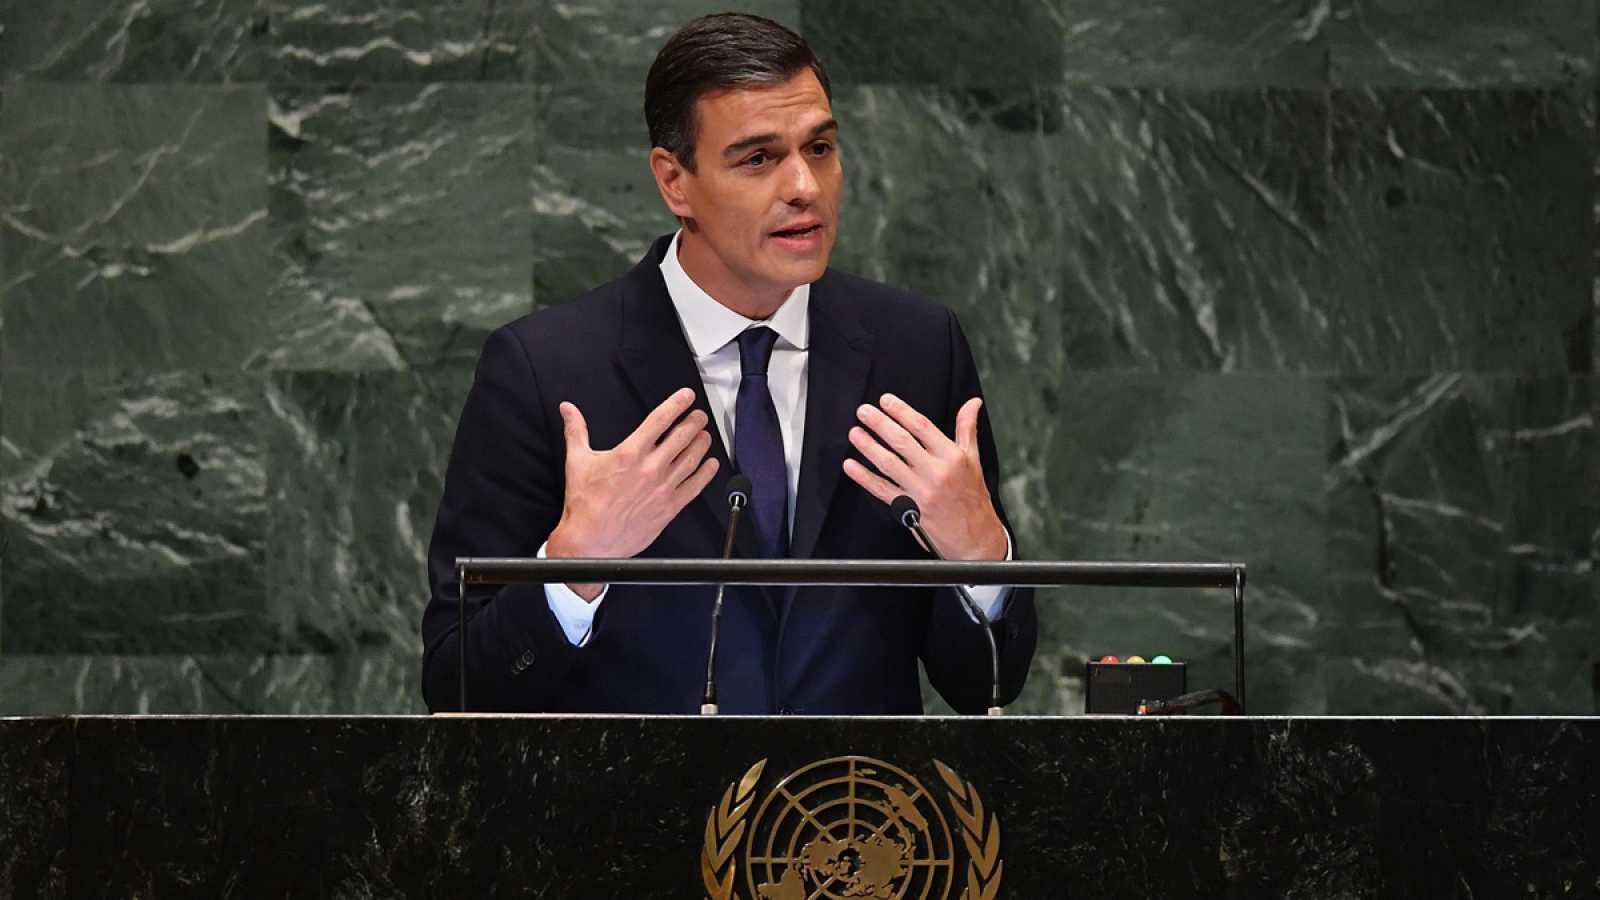 Un cobarde Pedro Sánchez se hace el gallito con los 'indepes' en el 'Washington Post' tras pasar por 'gallina' en España